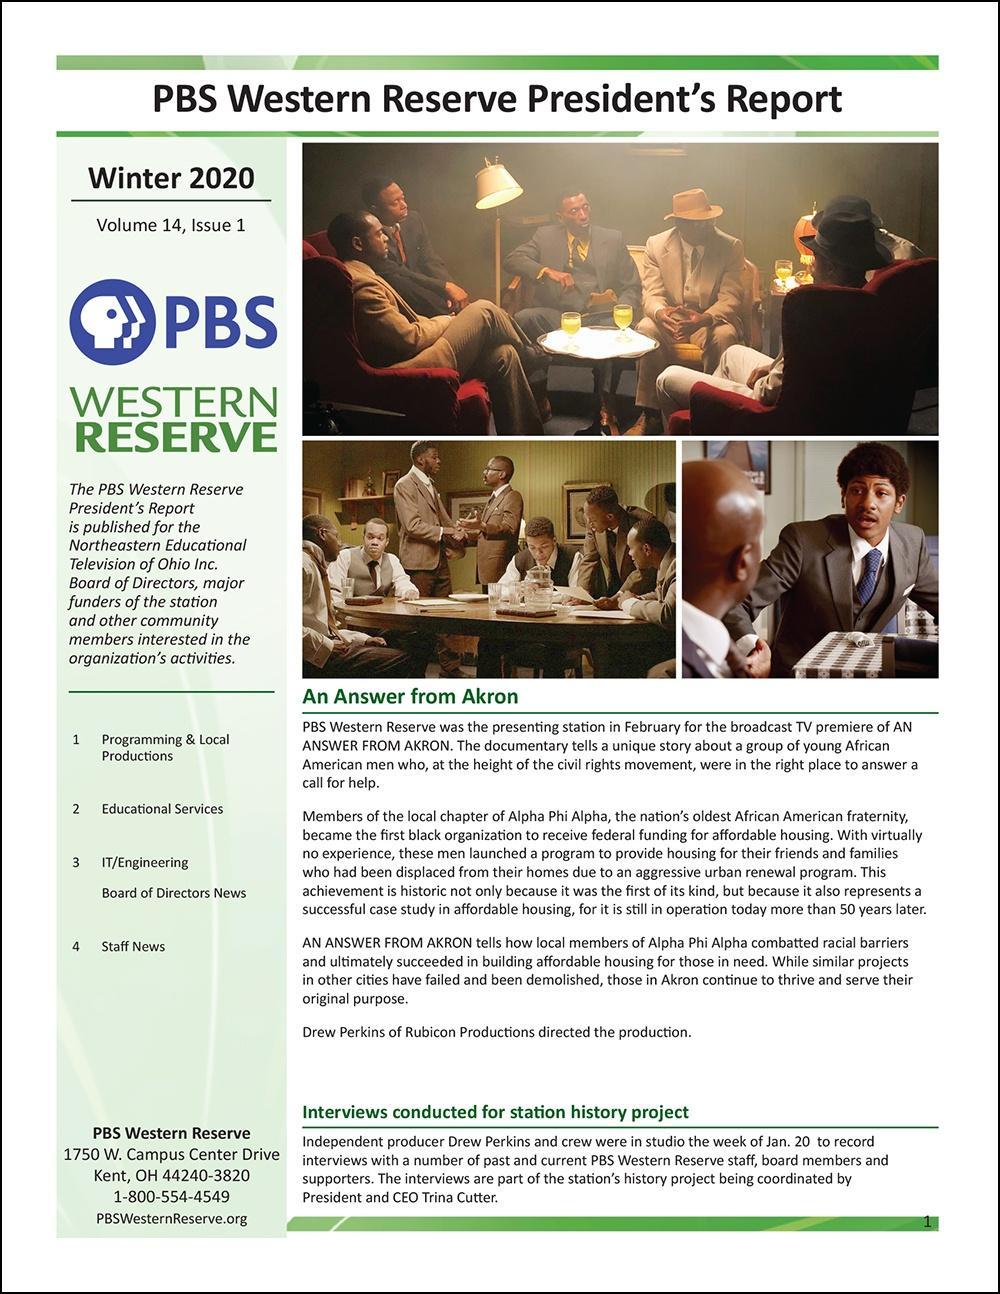 Winter 2020 - Volume 14, Issue 1